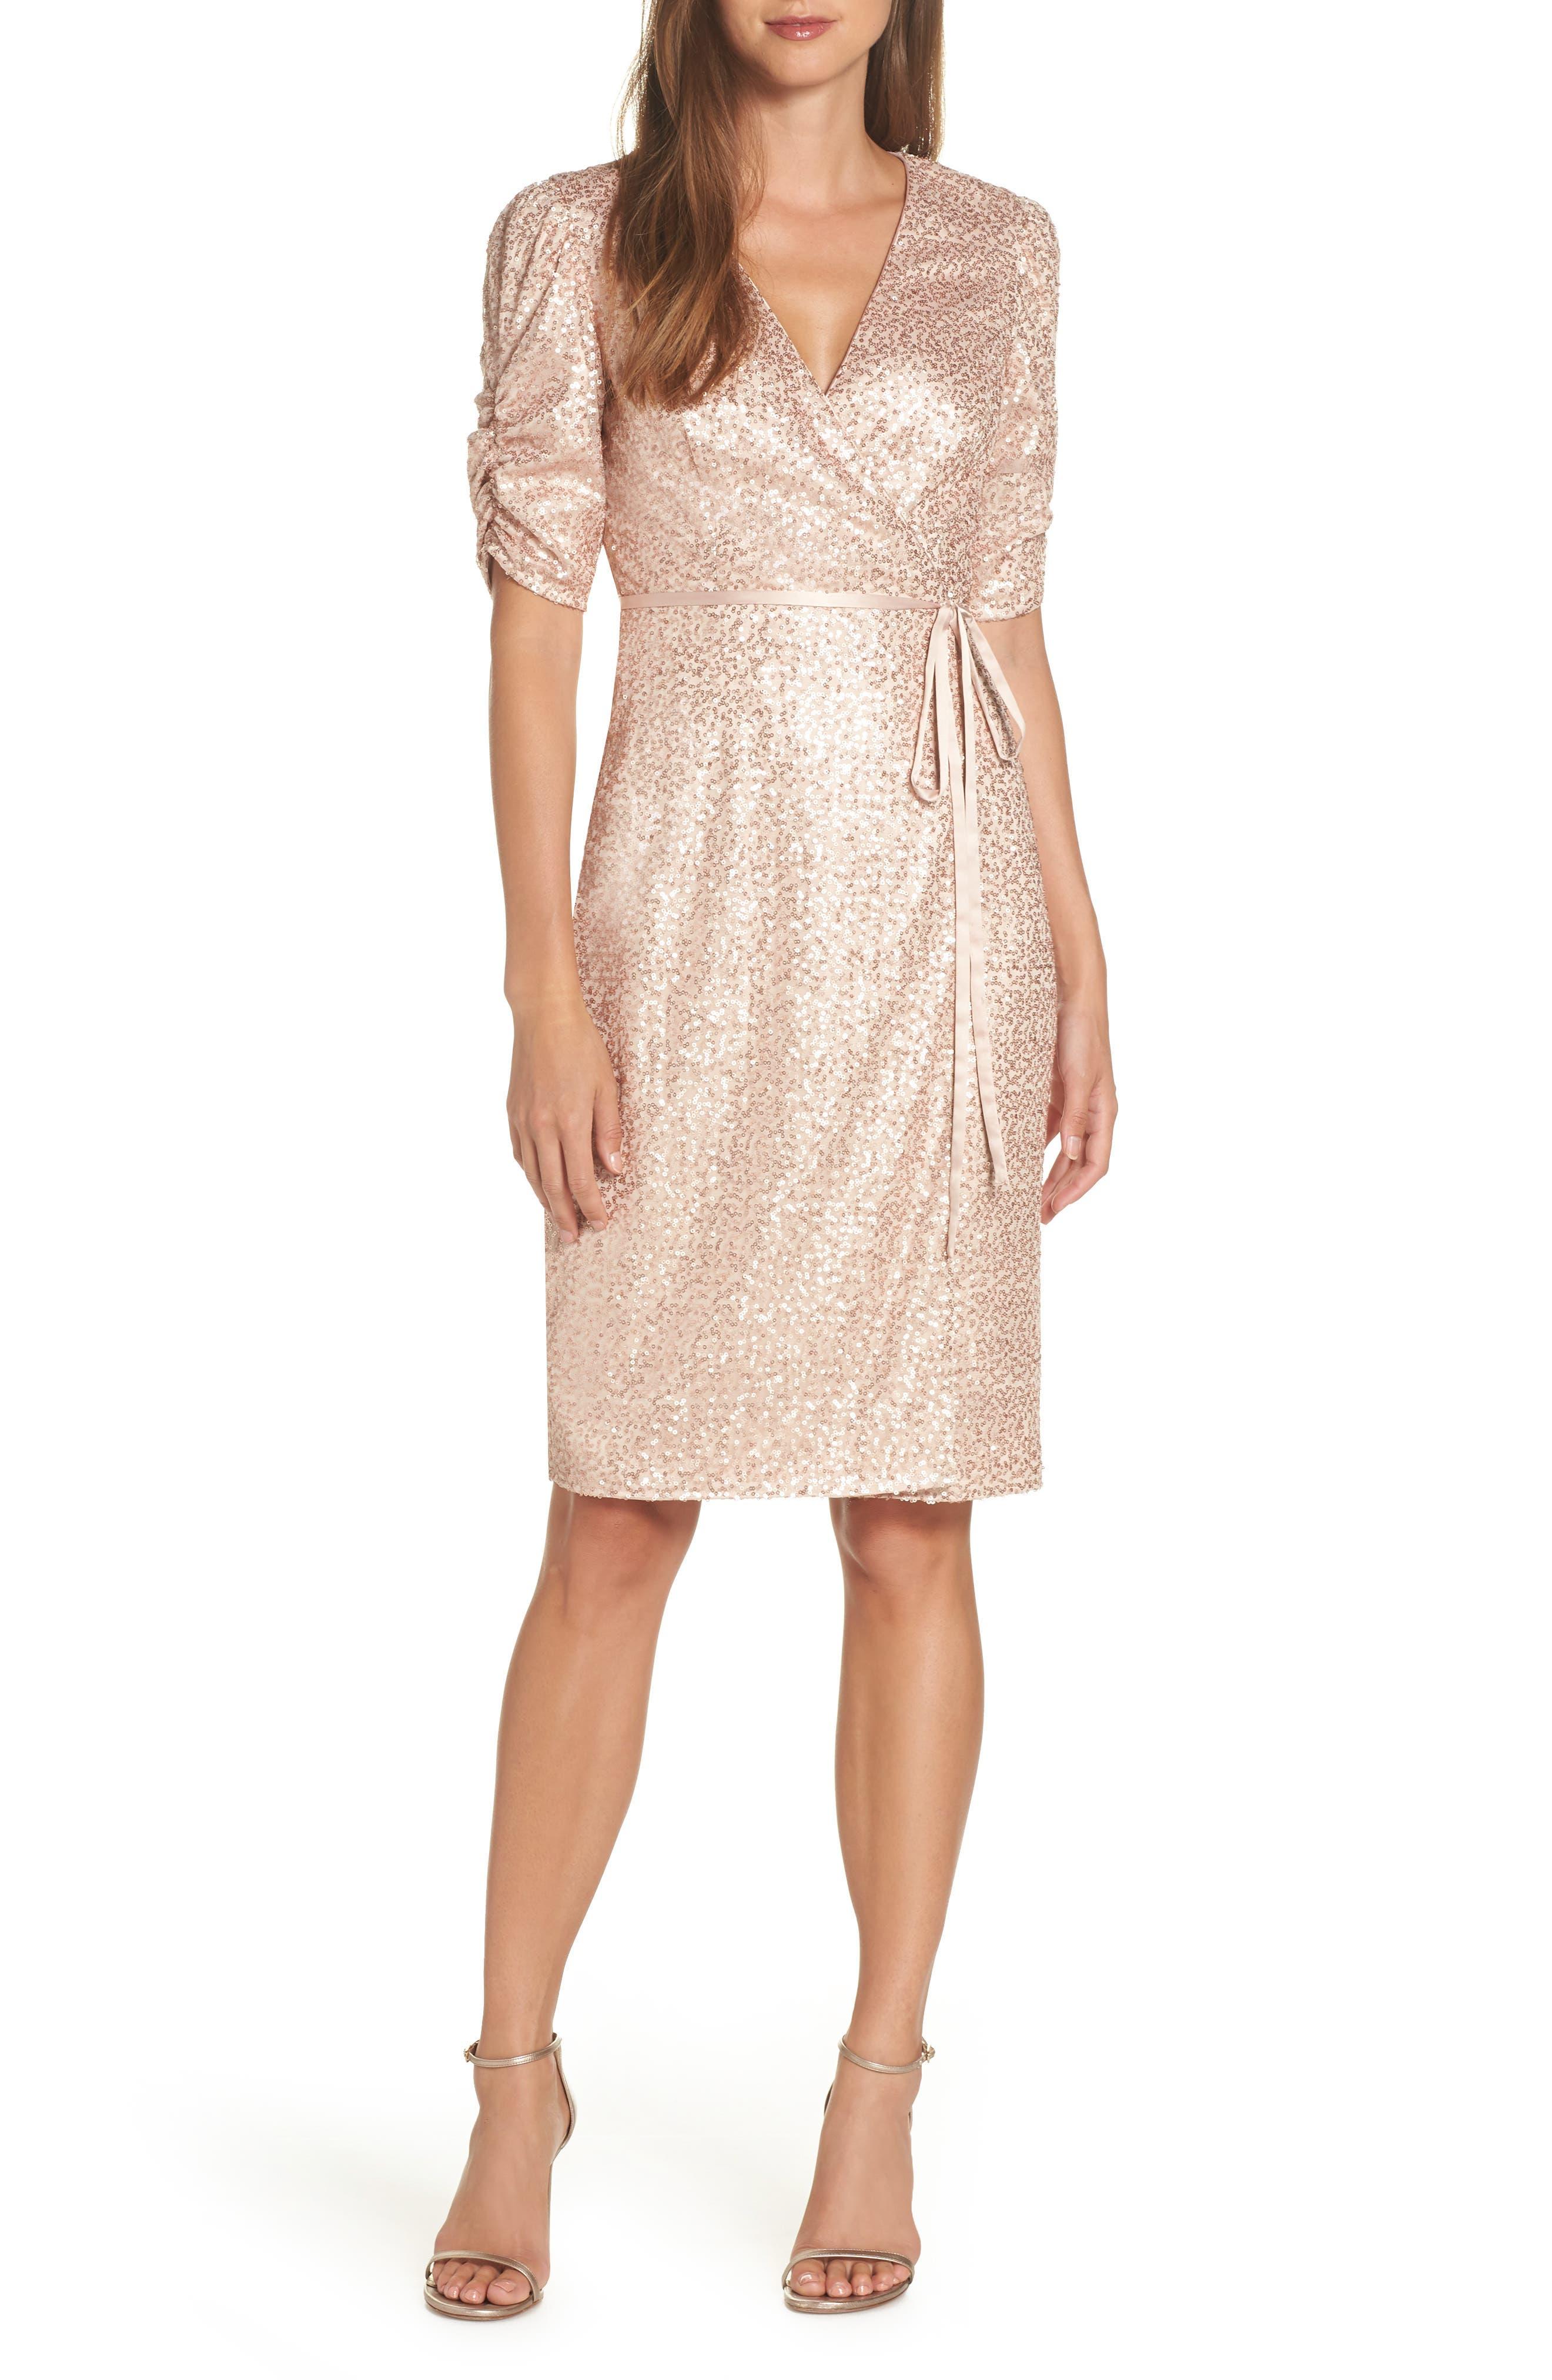 ELIZA J,                             Sequin Faux Wrap Dress,                             Main thumbnail 1, color,                             250